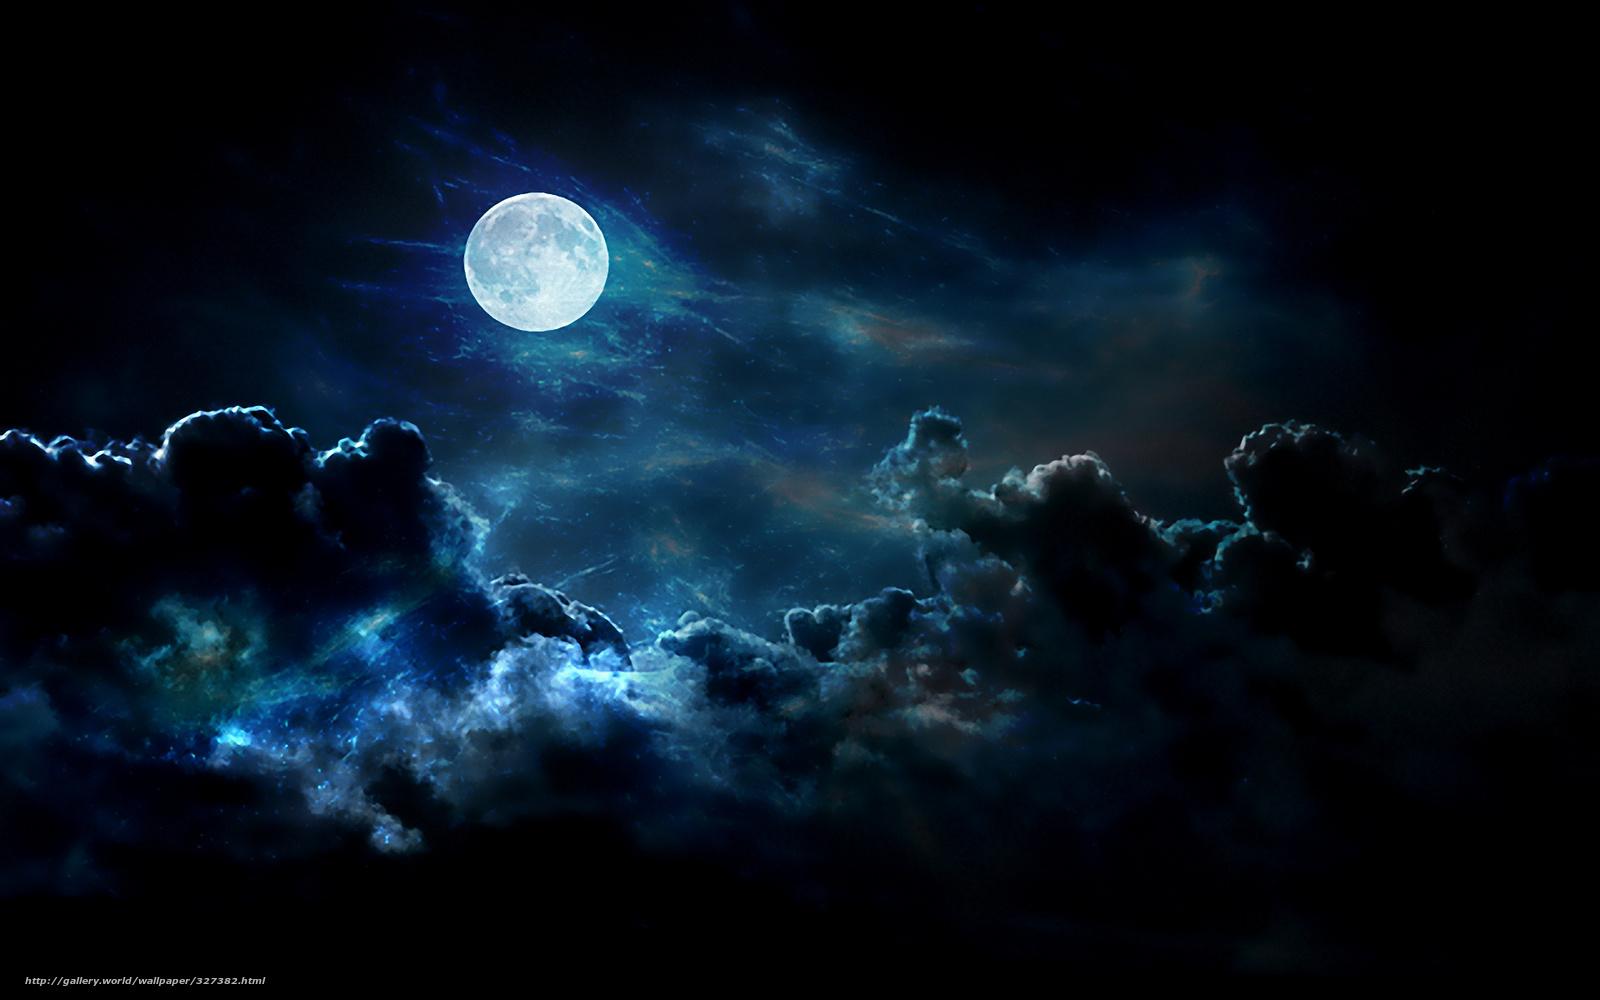 Tlcharger Fond d'ecran lune, nuages, clair de lune Fonds d'ecran gratuits pour votre rsolution du bureau 1920x1200 — image №327382